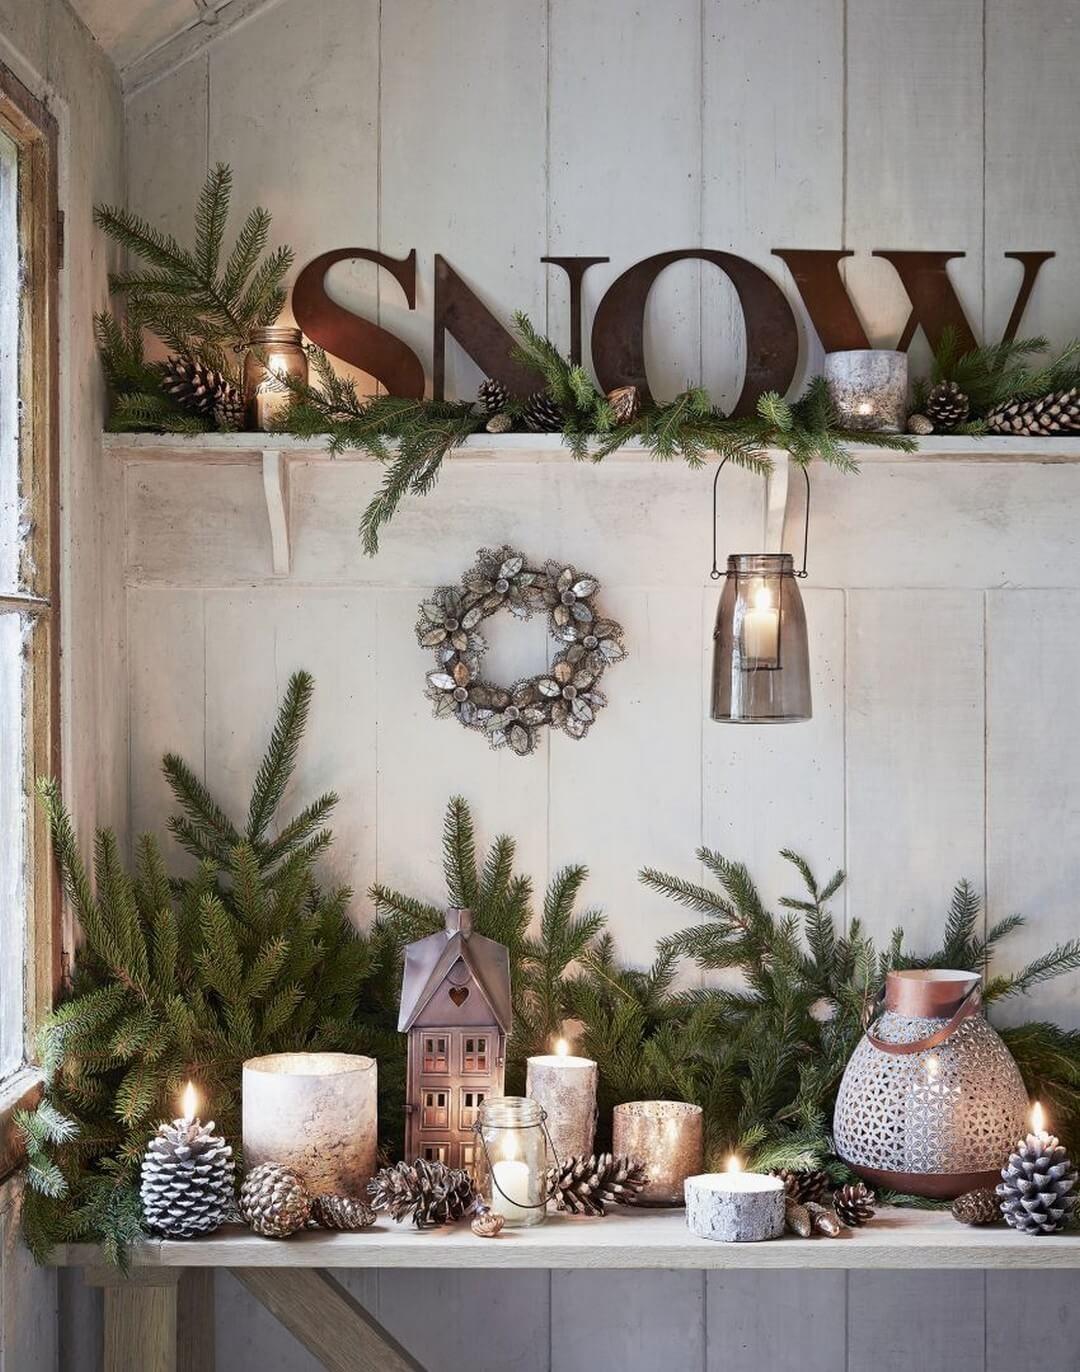 32 wundervolle rustikale Winterdekor-Ideen, die auch nach Weihnachten noch funktionieren #winterdecor